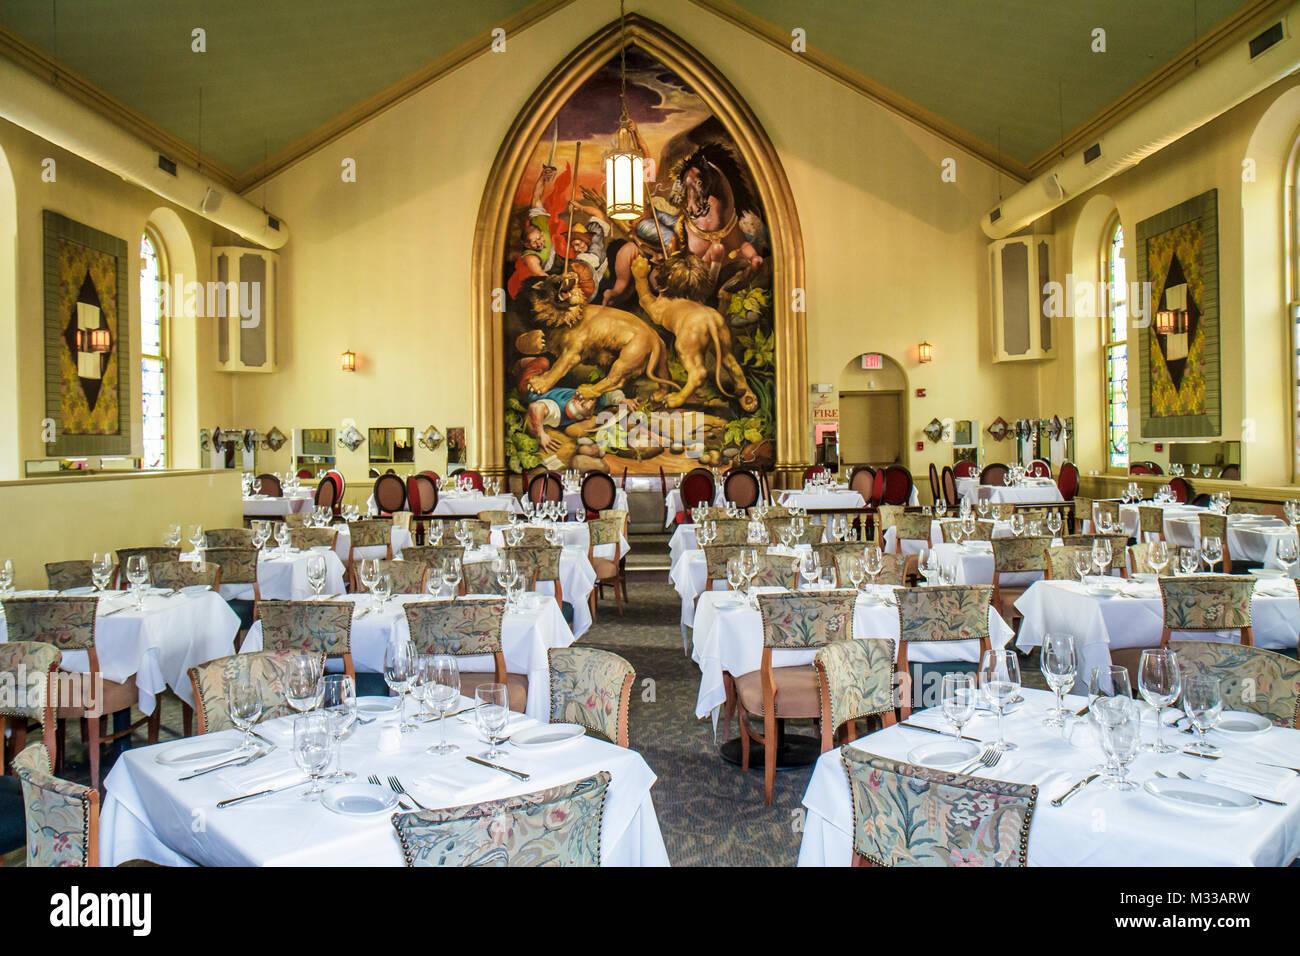 Pennsylvania Bucks County New Hope Marsha Brown Restaurant gehobene Küche kreolischen Küche umgewandelt Stockbild